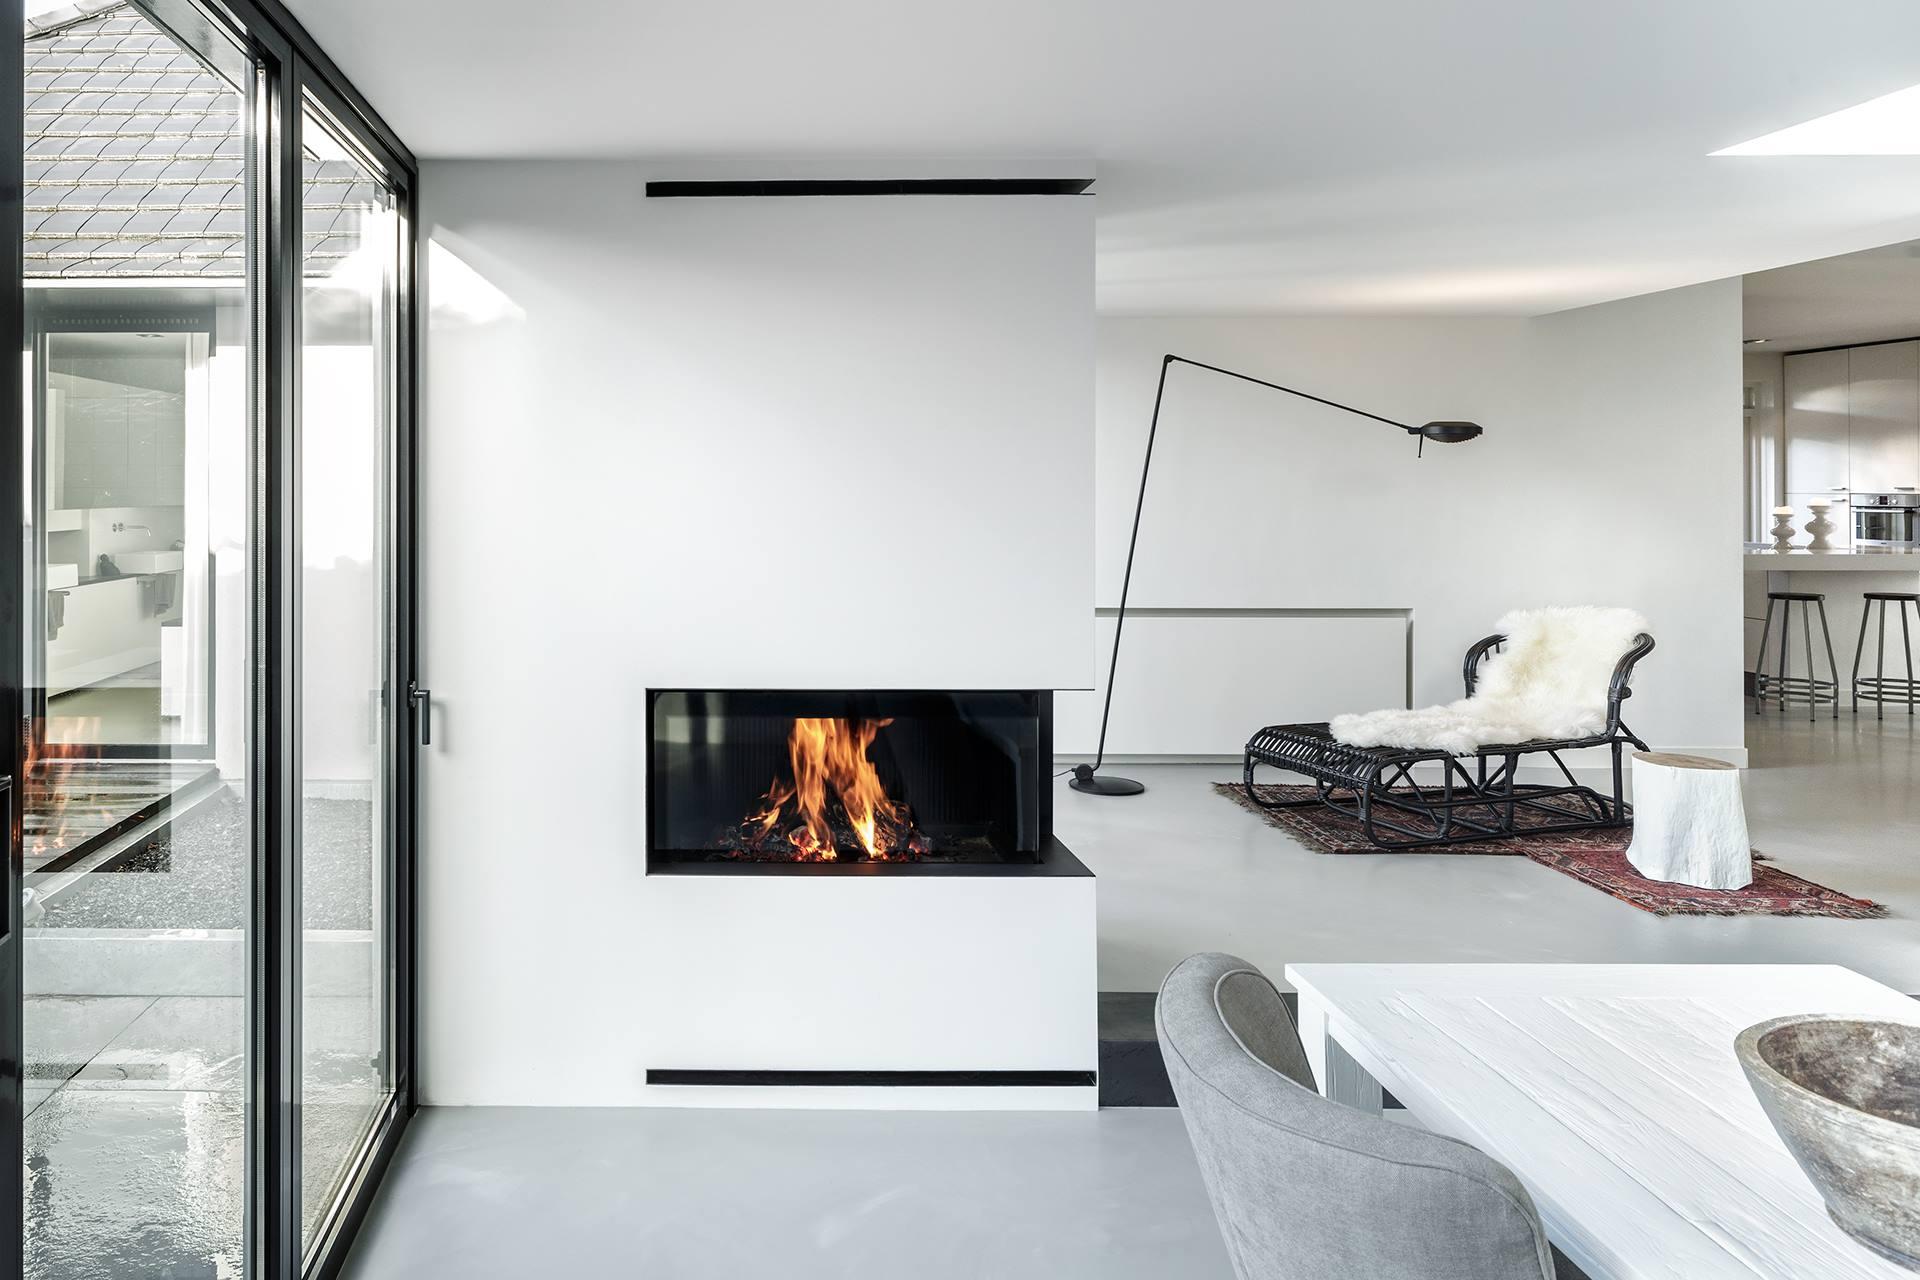 Hoekhaarden hout en gasgestookt startpagina voor haarden en kachels idee n uw - Decoratie woonkamer met open keuken ...